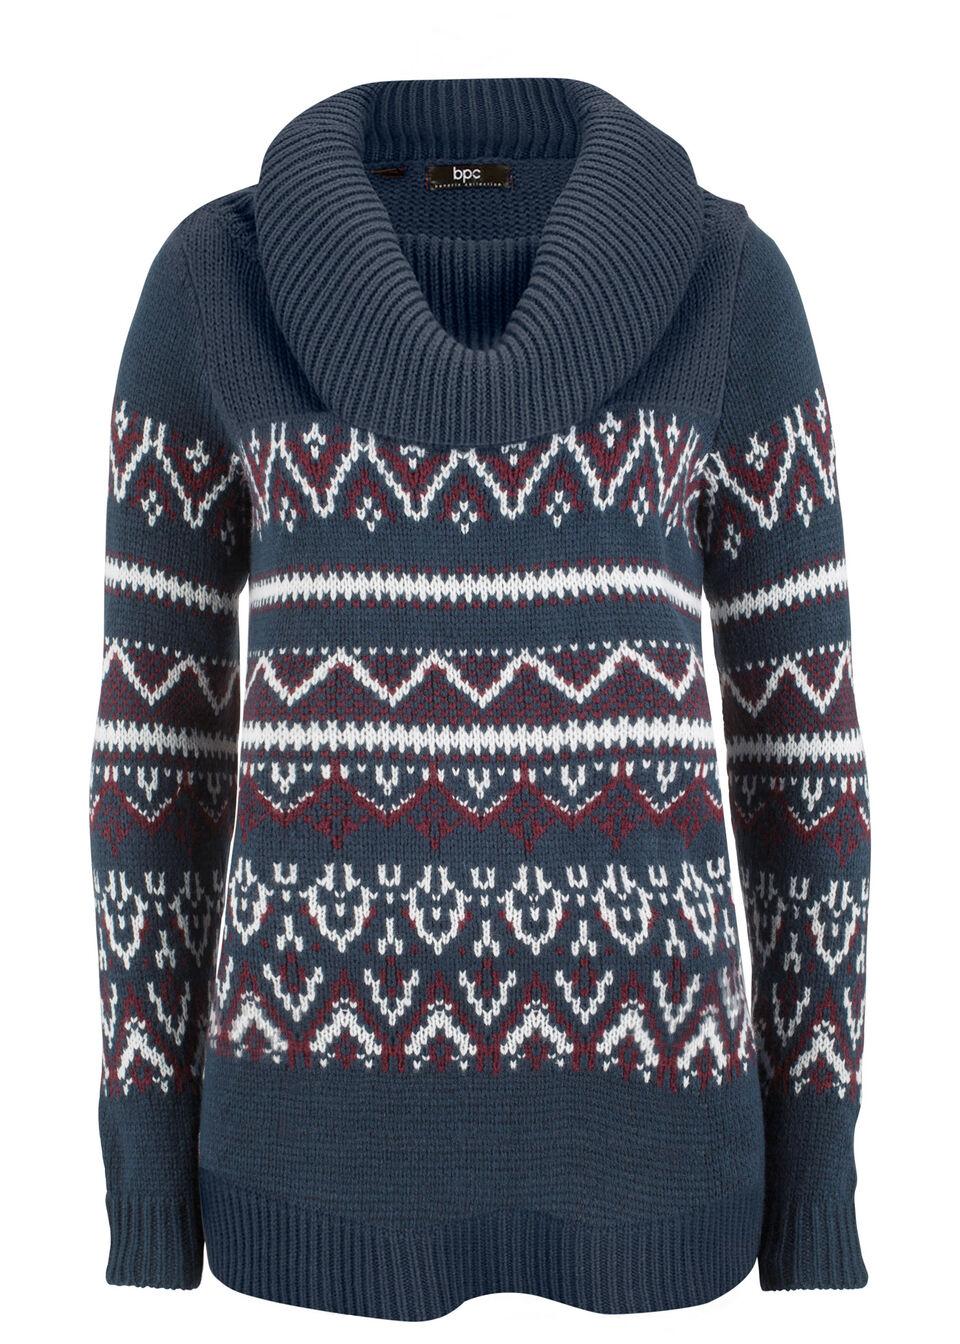 Sweter w norweski wzór, z szerokim golfem, fason o linii litery A bonprix ciemnoniebieski w norweski wzór